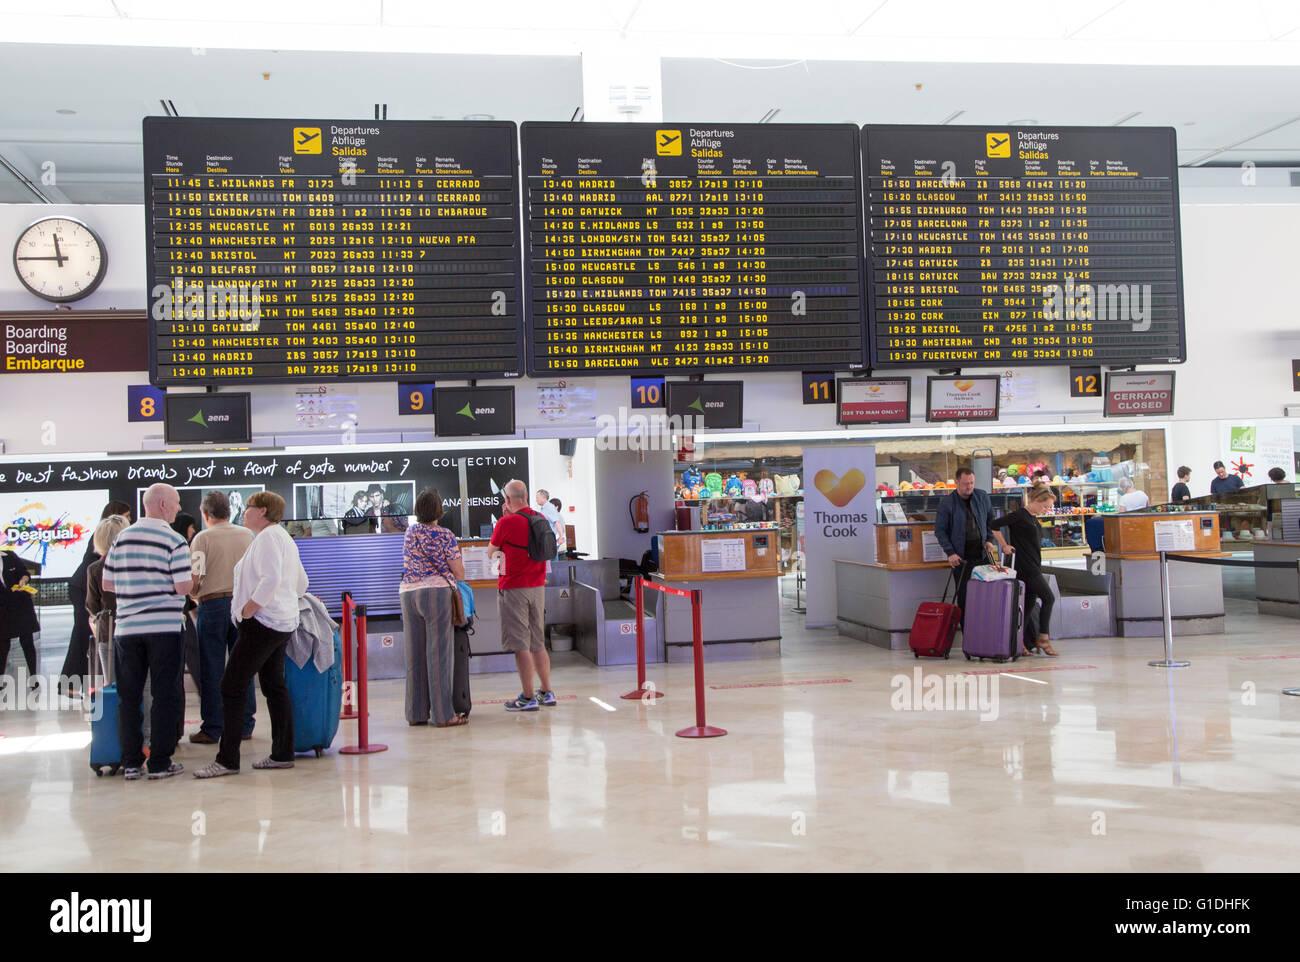 Elektronische internationale Abflüge Fluginformationen, terminal 2 Flughafen Lanzarote, Kanarische Inseln, Stockbild